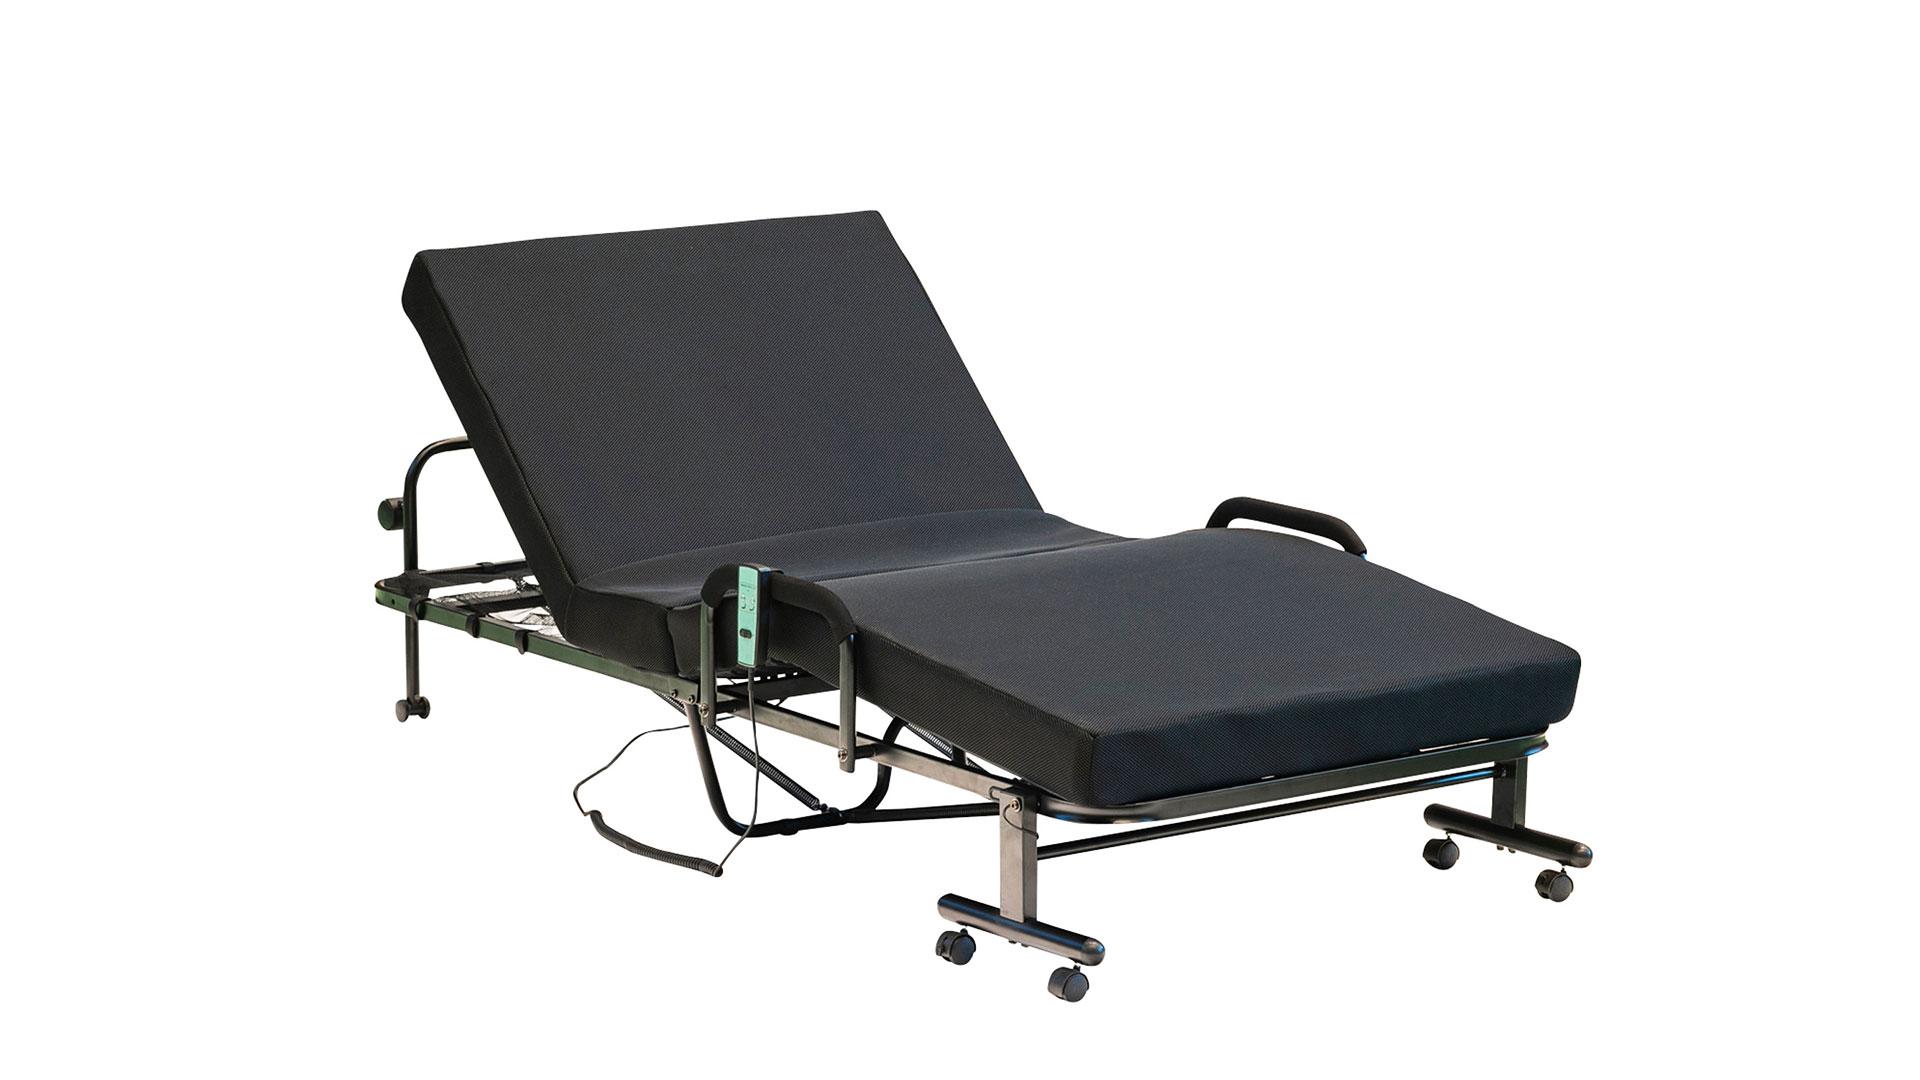 リビンズの折りたたみ電動ベッド「アクセル」の背と足を起こした状態の画像